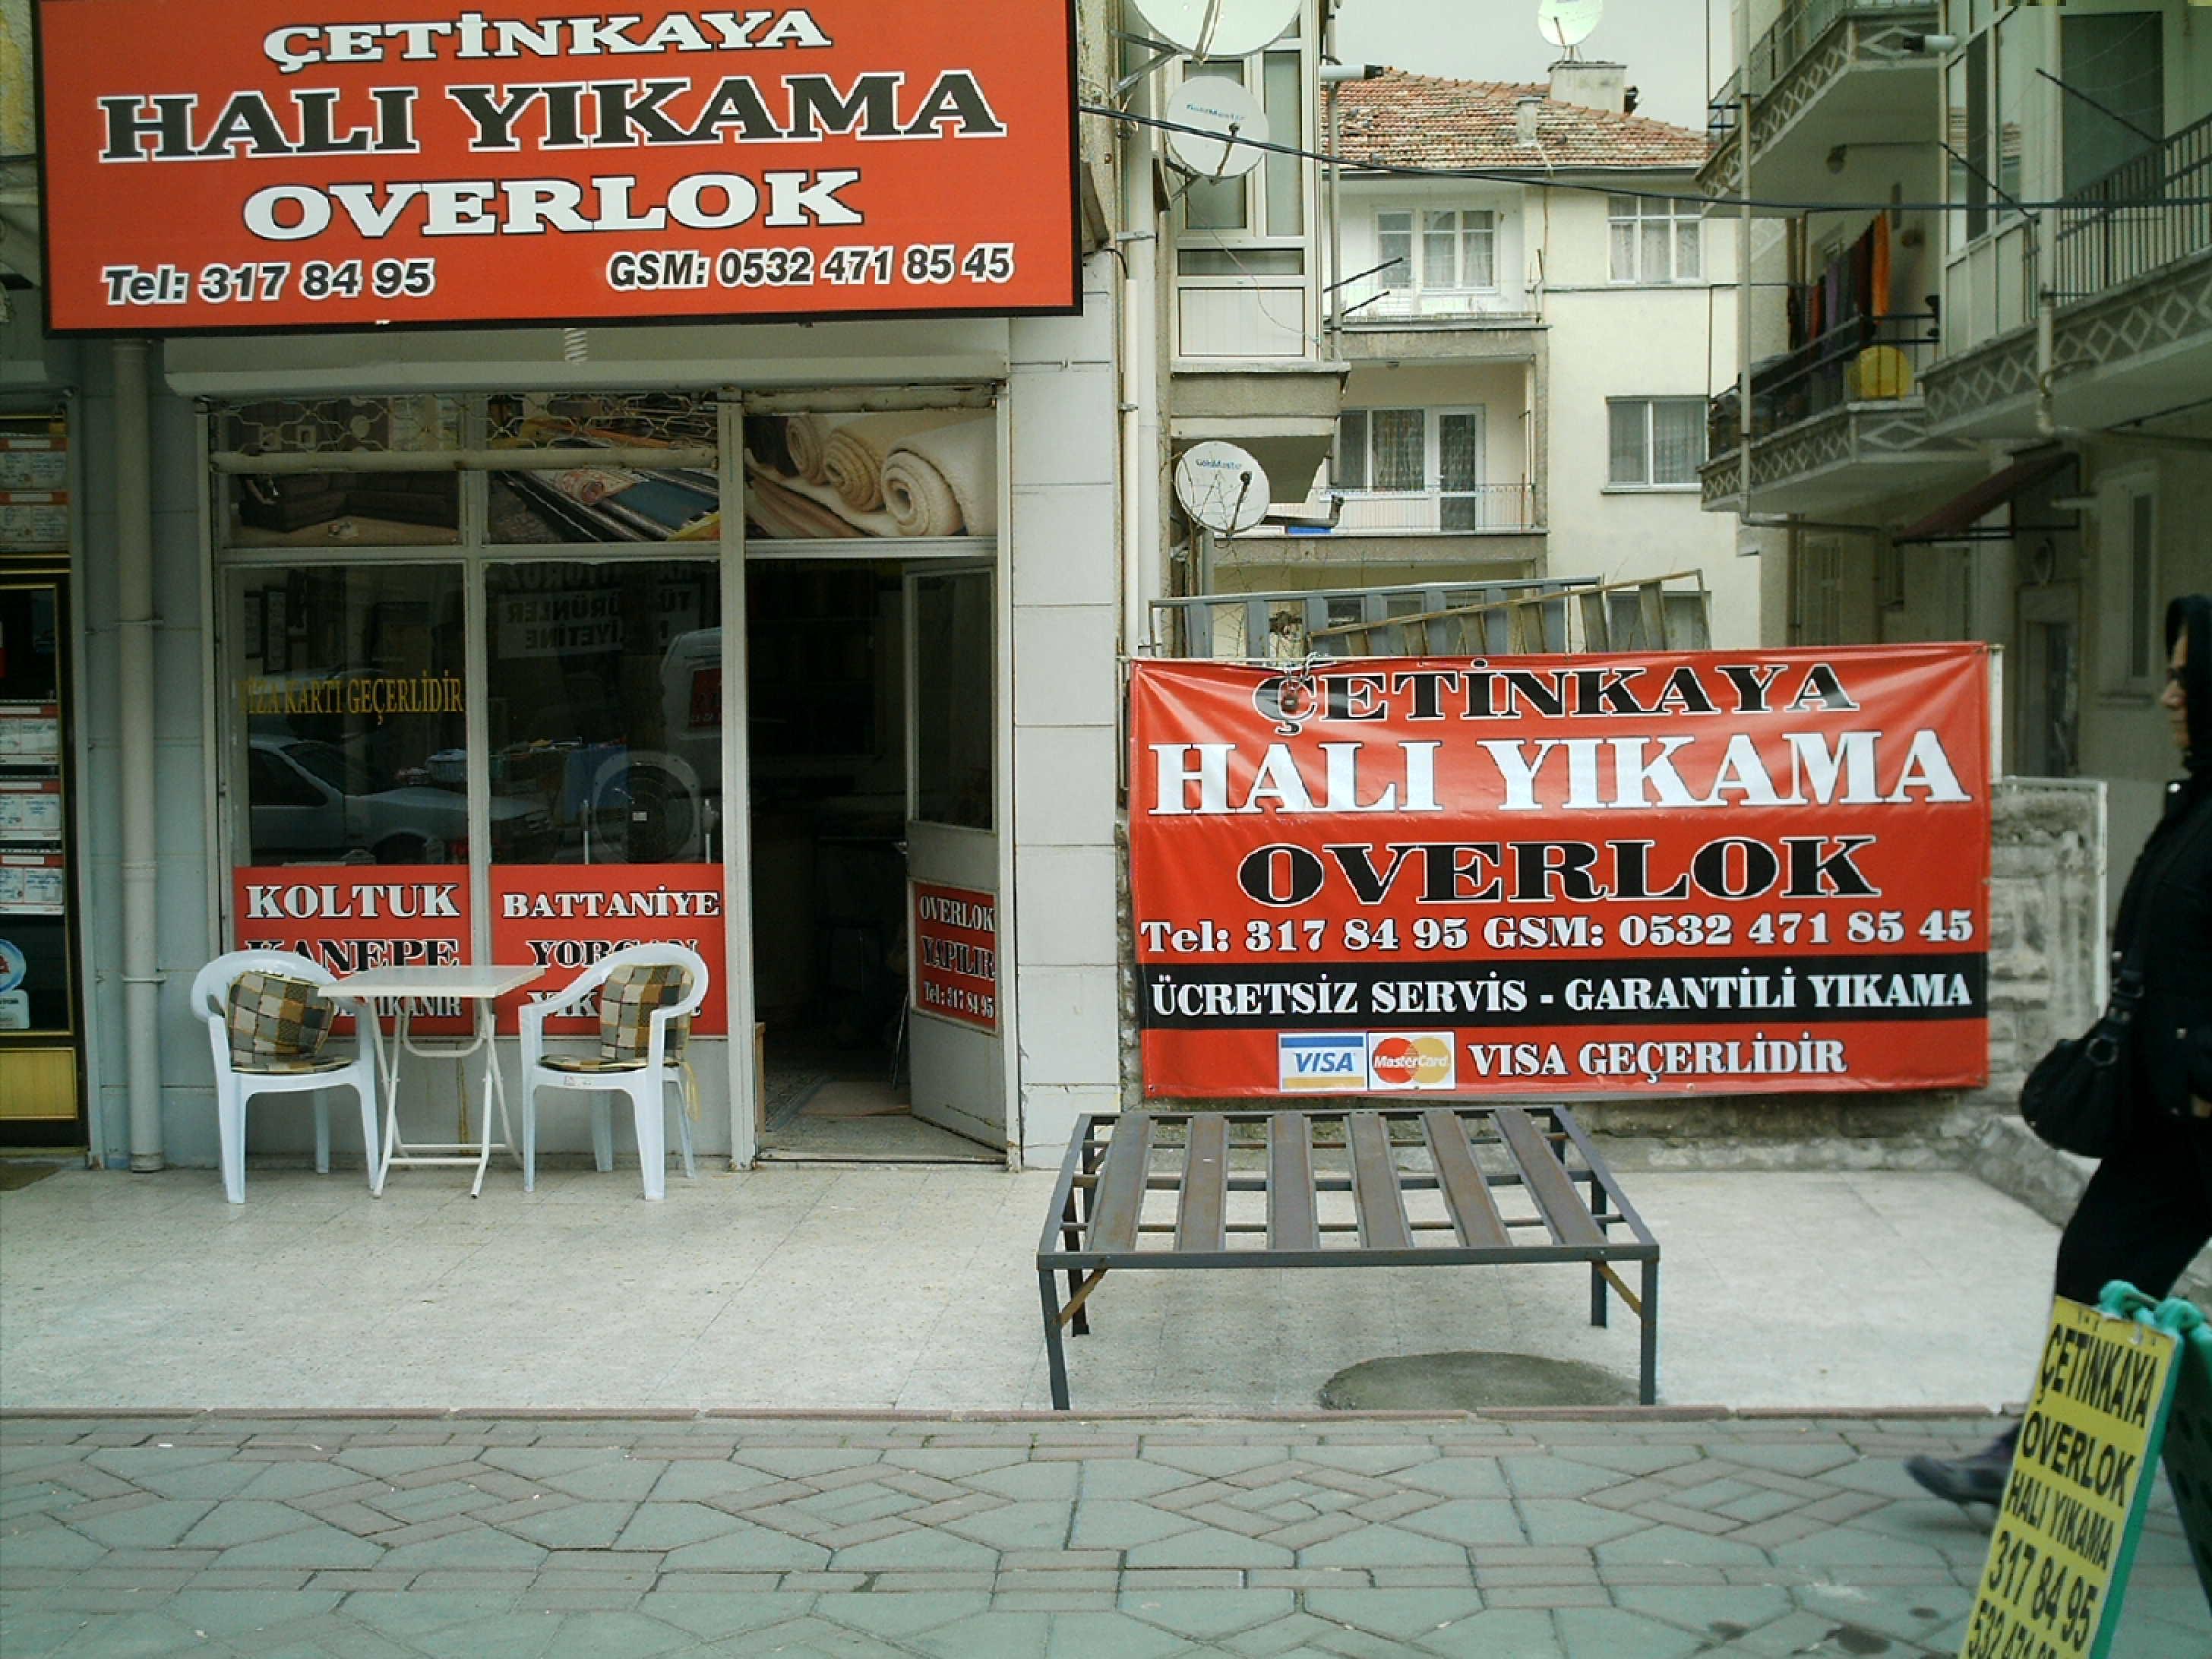 altinpark_hali_yikama